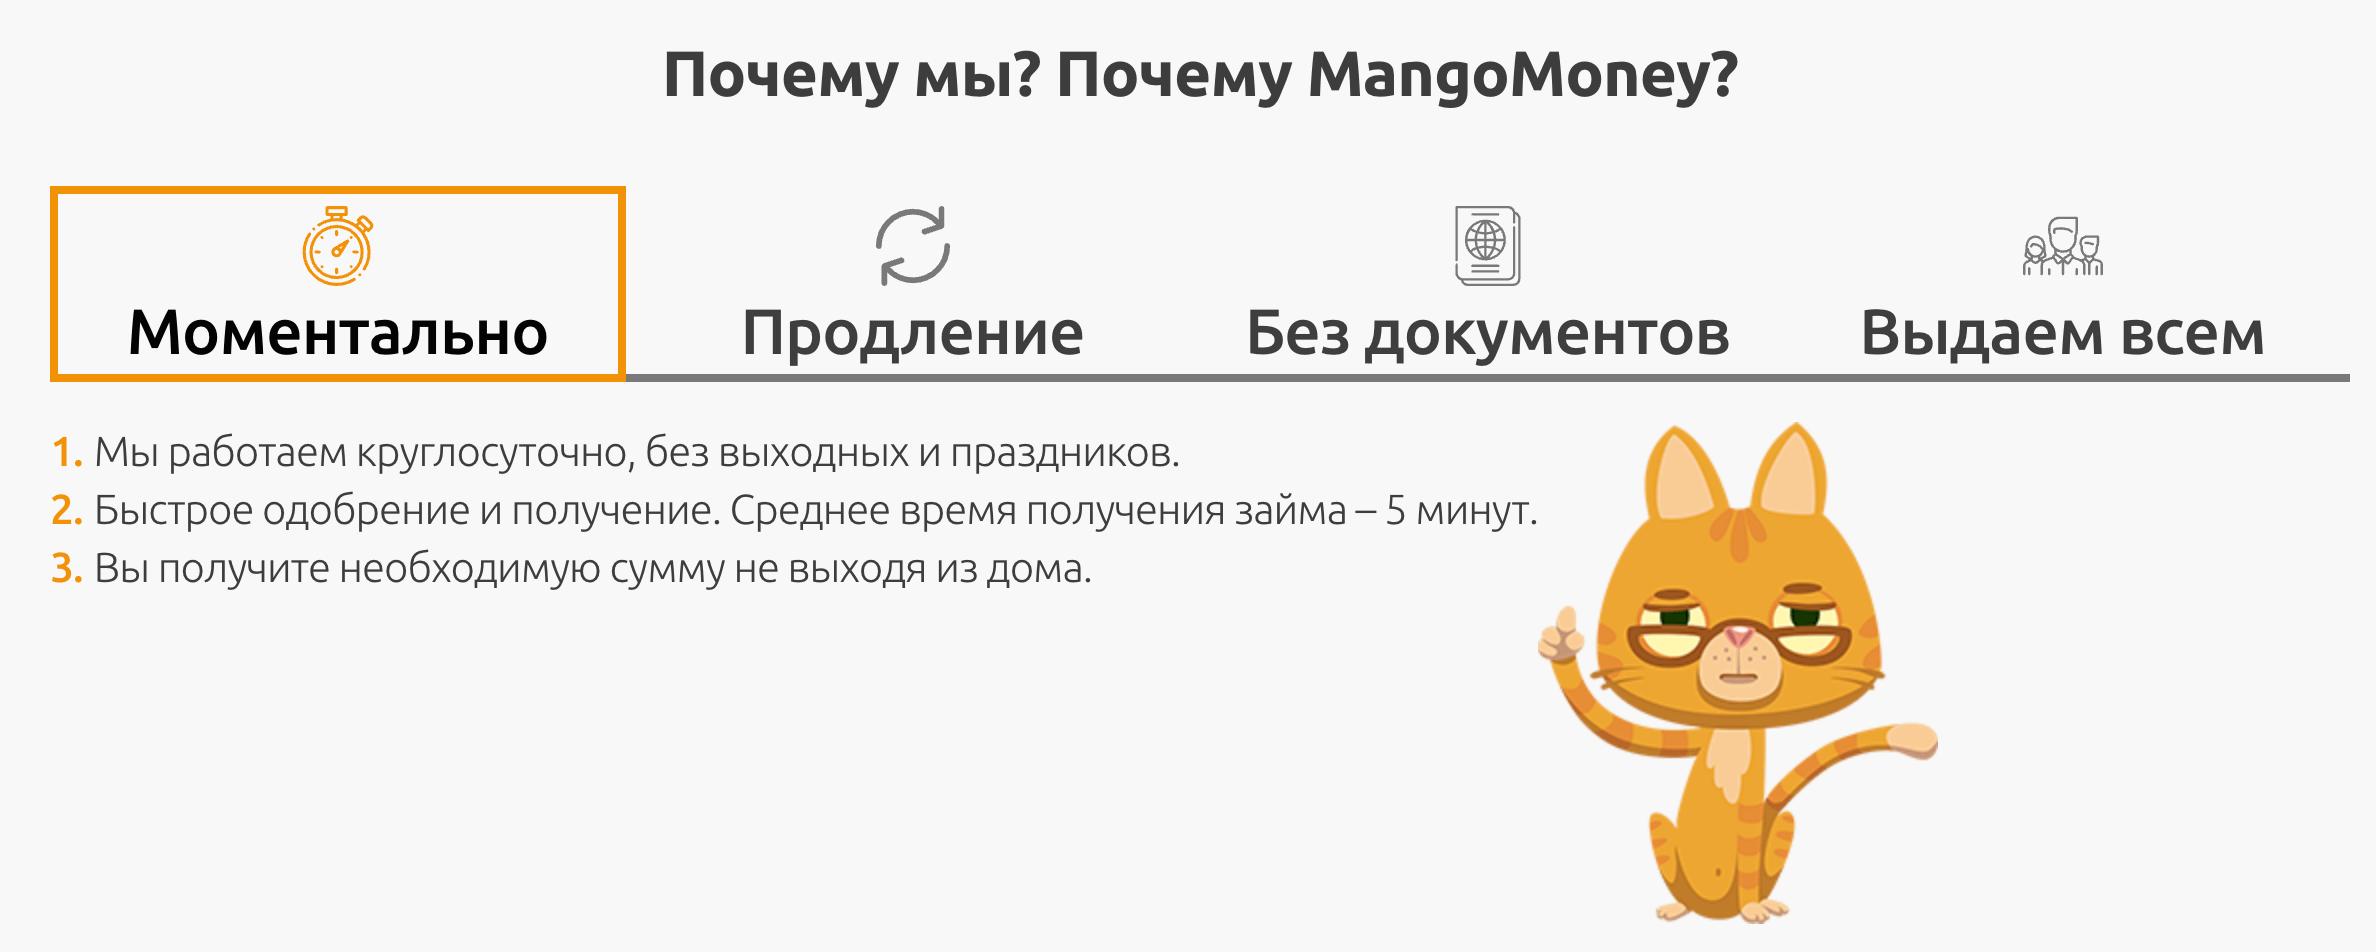 MangoMoney (МангоМани): вход в личный кабинет